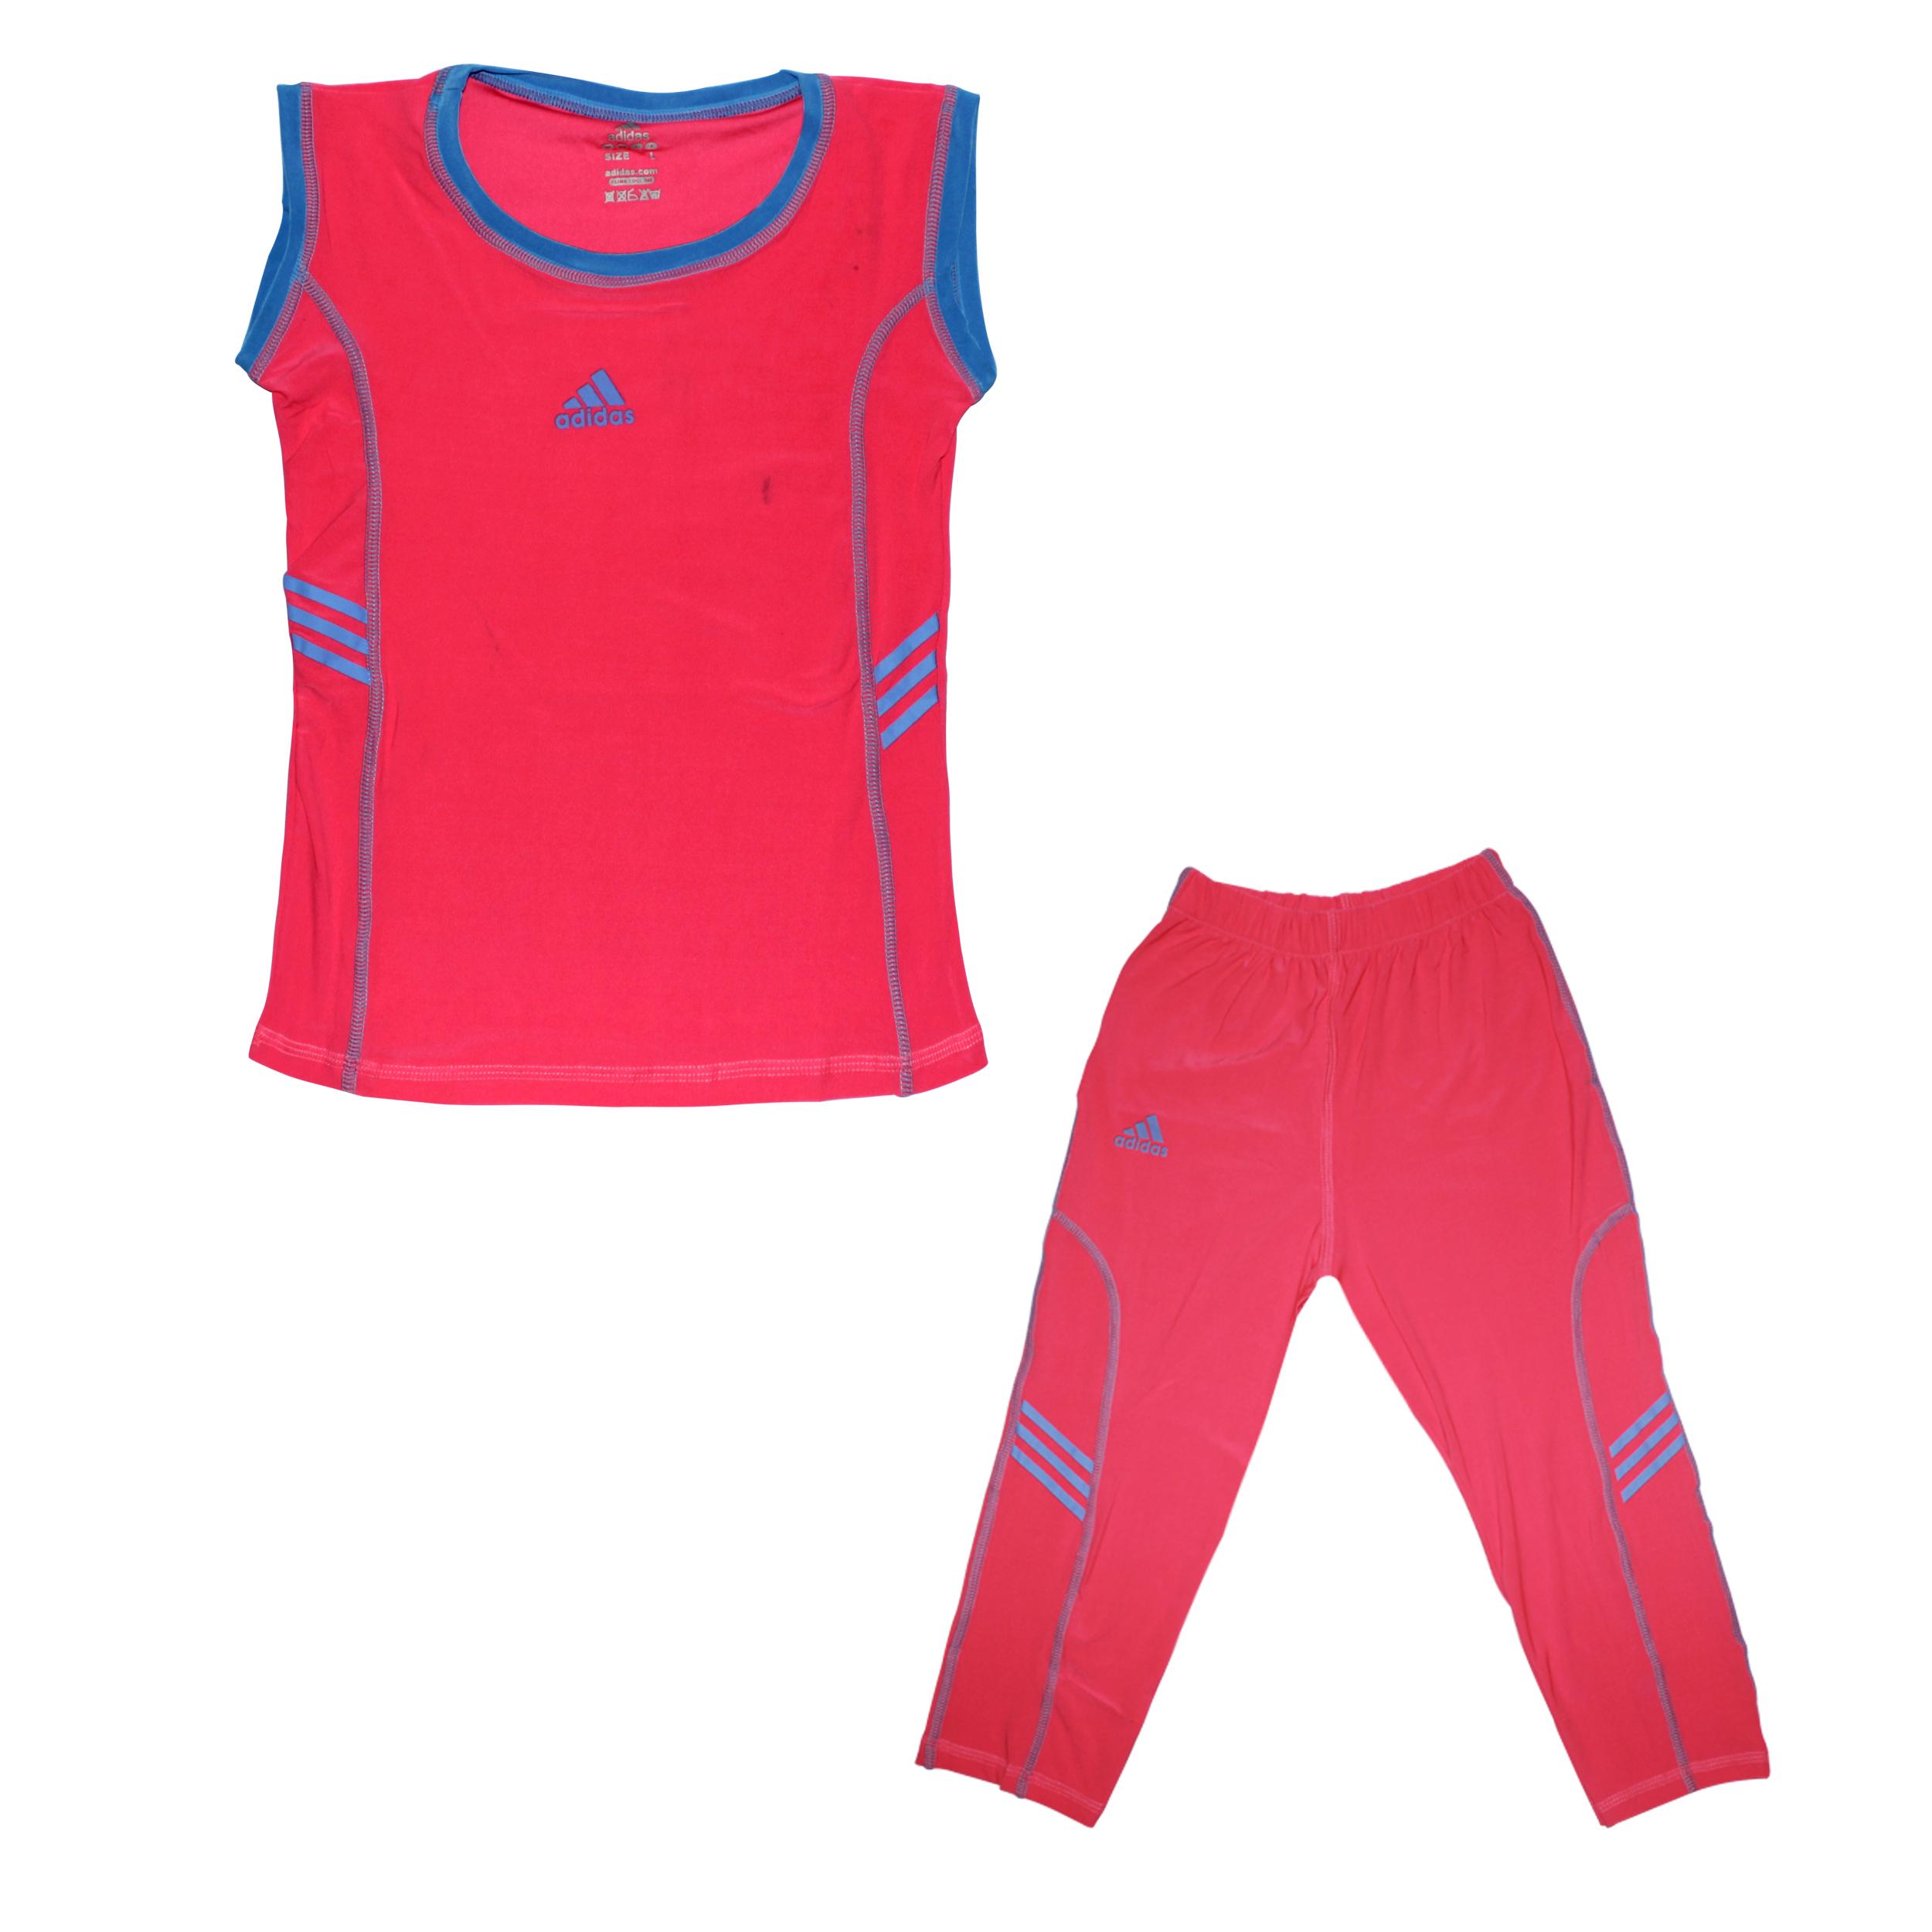 ست تاپ و شلوارک ورزشی دخترانه مدل Callum کد 002